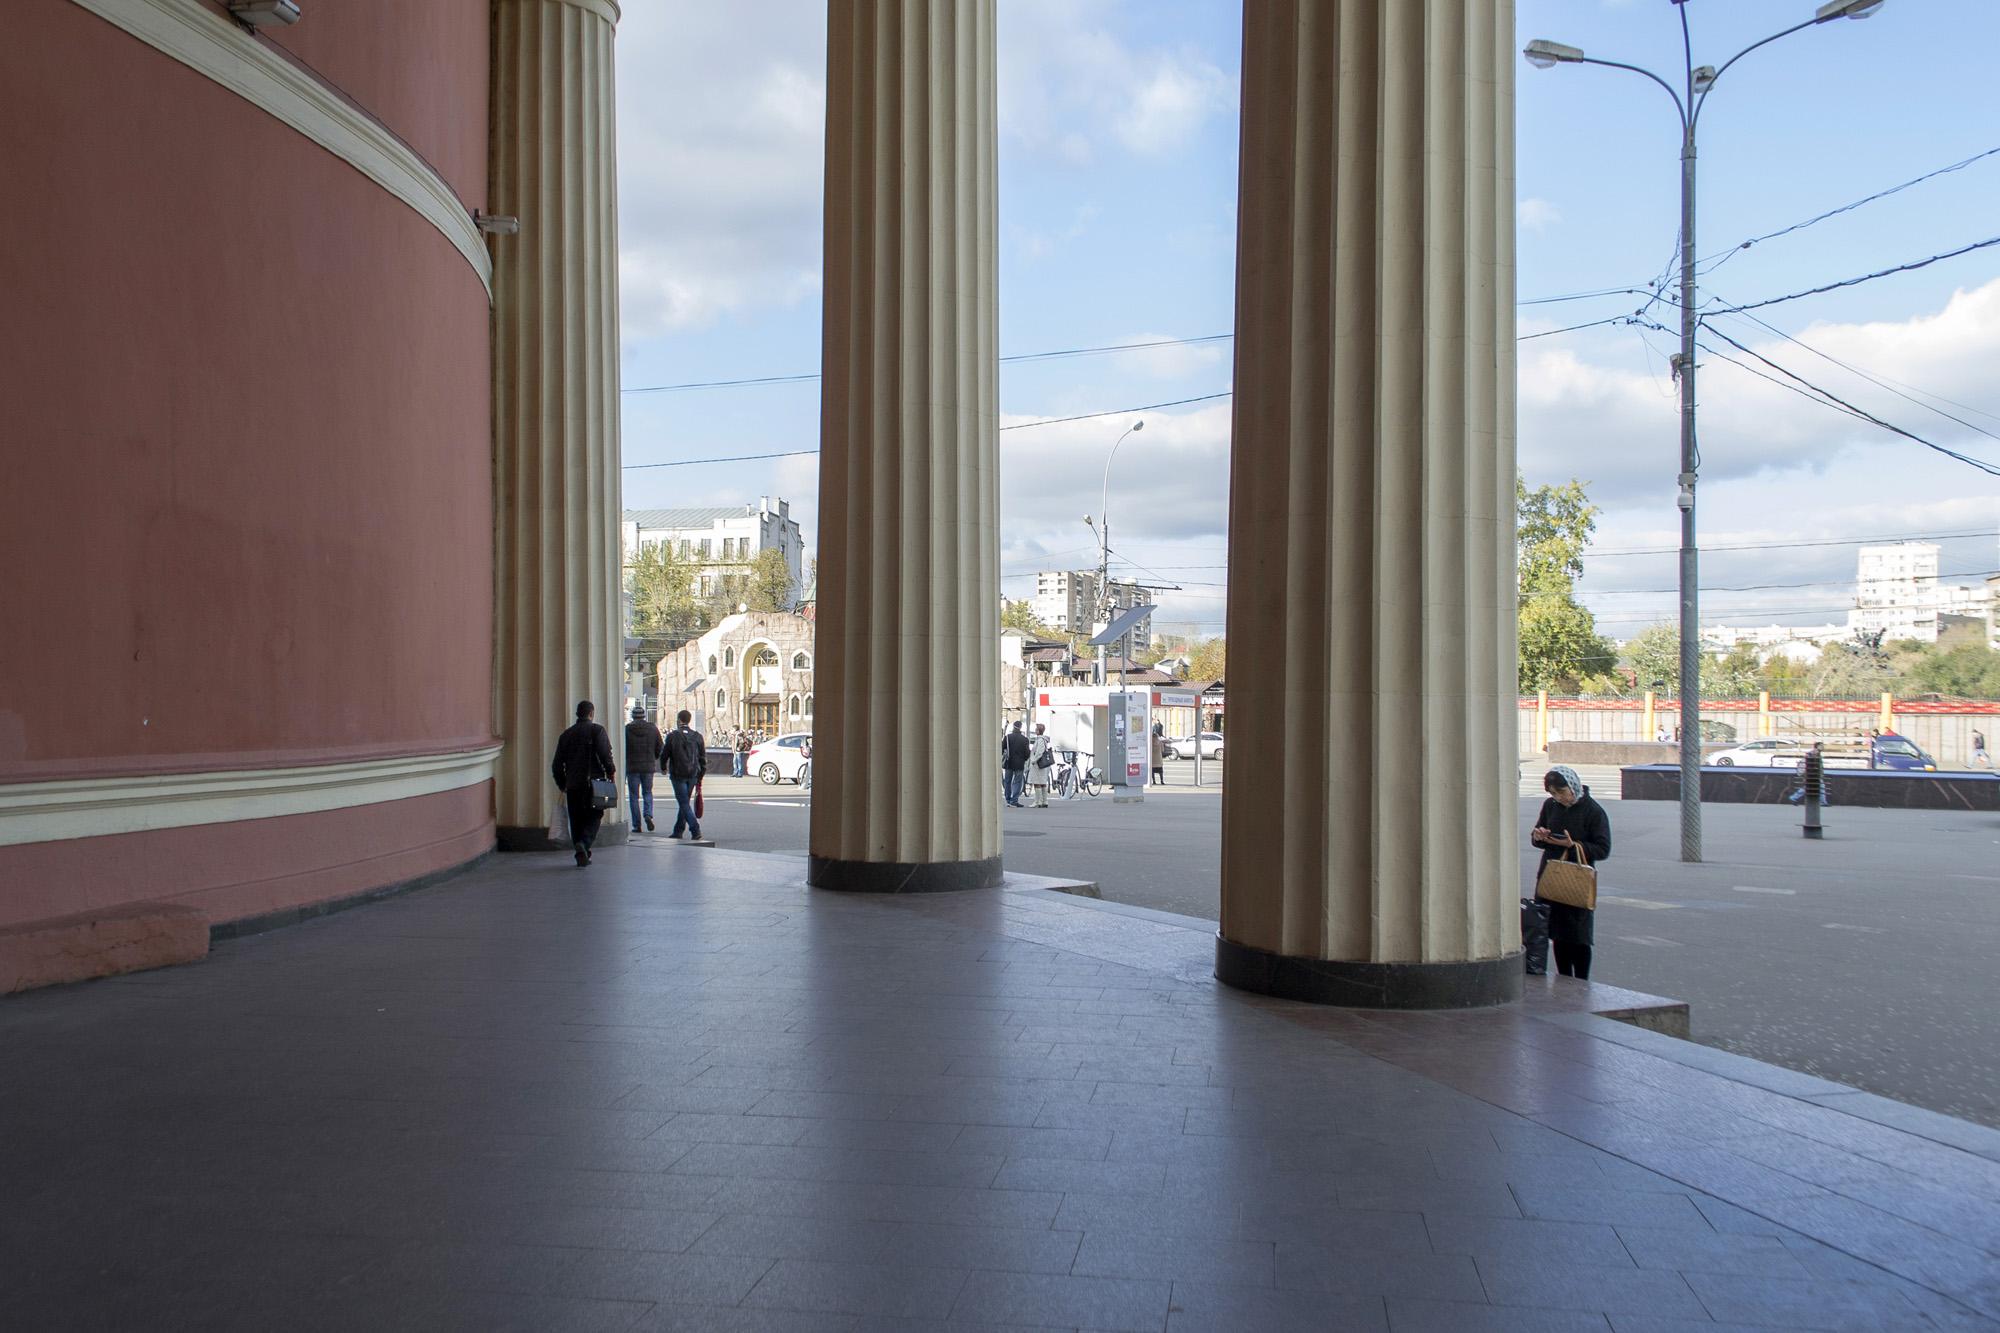 смелые выход из станция краснопресненская фото создаст предпосылки